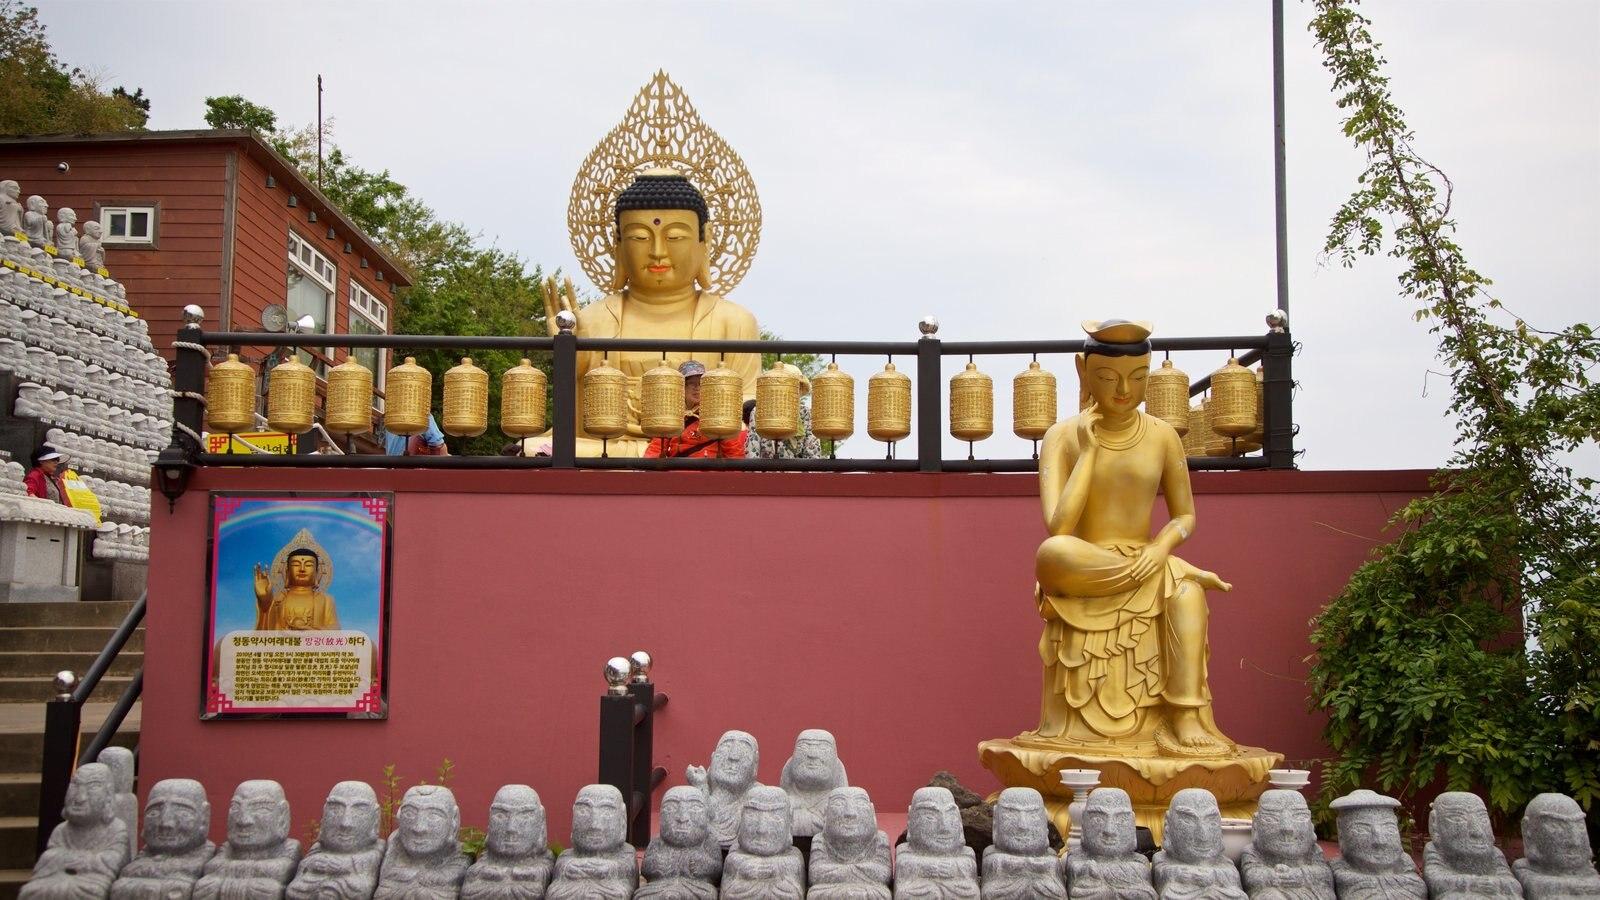 Montaña Sanbangsan mostrando elementos del patrimonio, elementos religiosos y una estatua o escultura